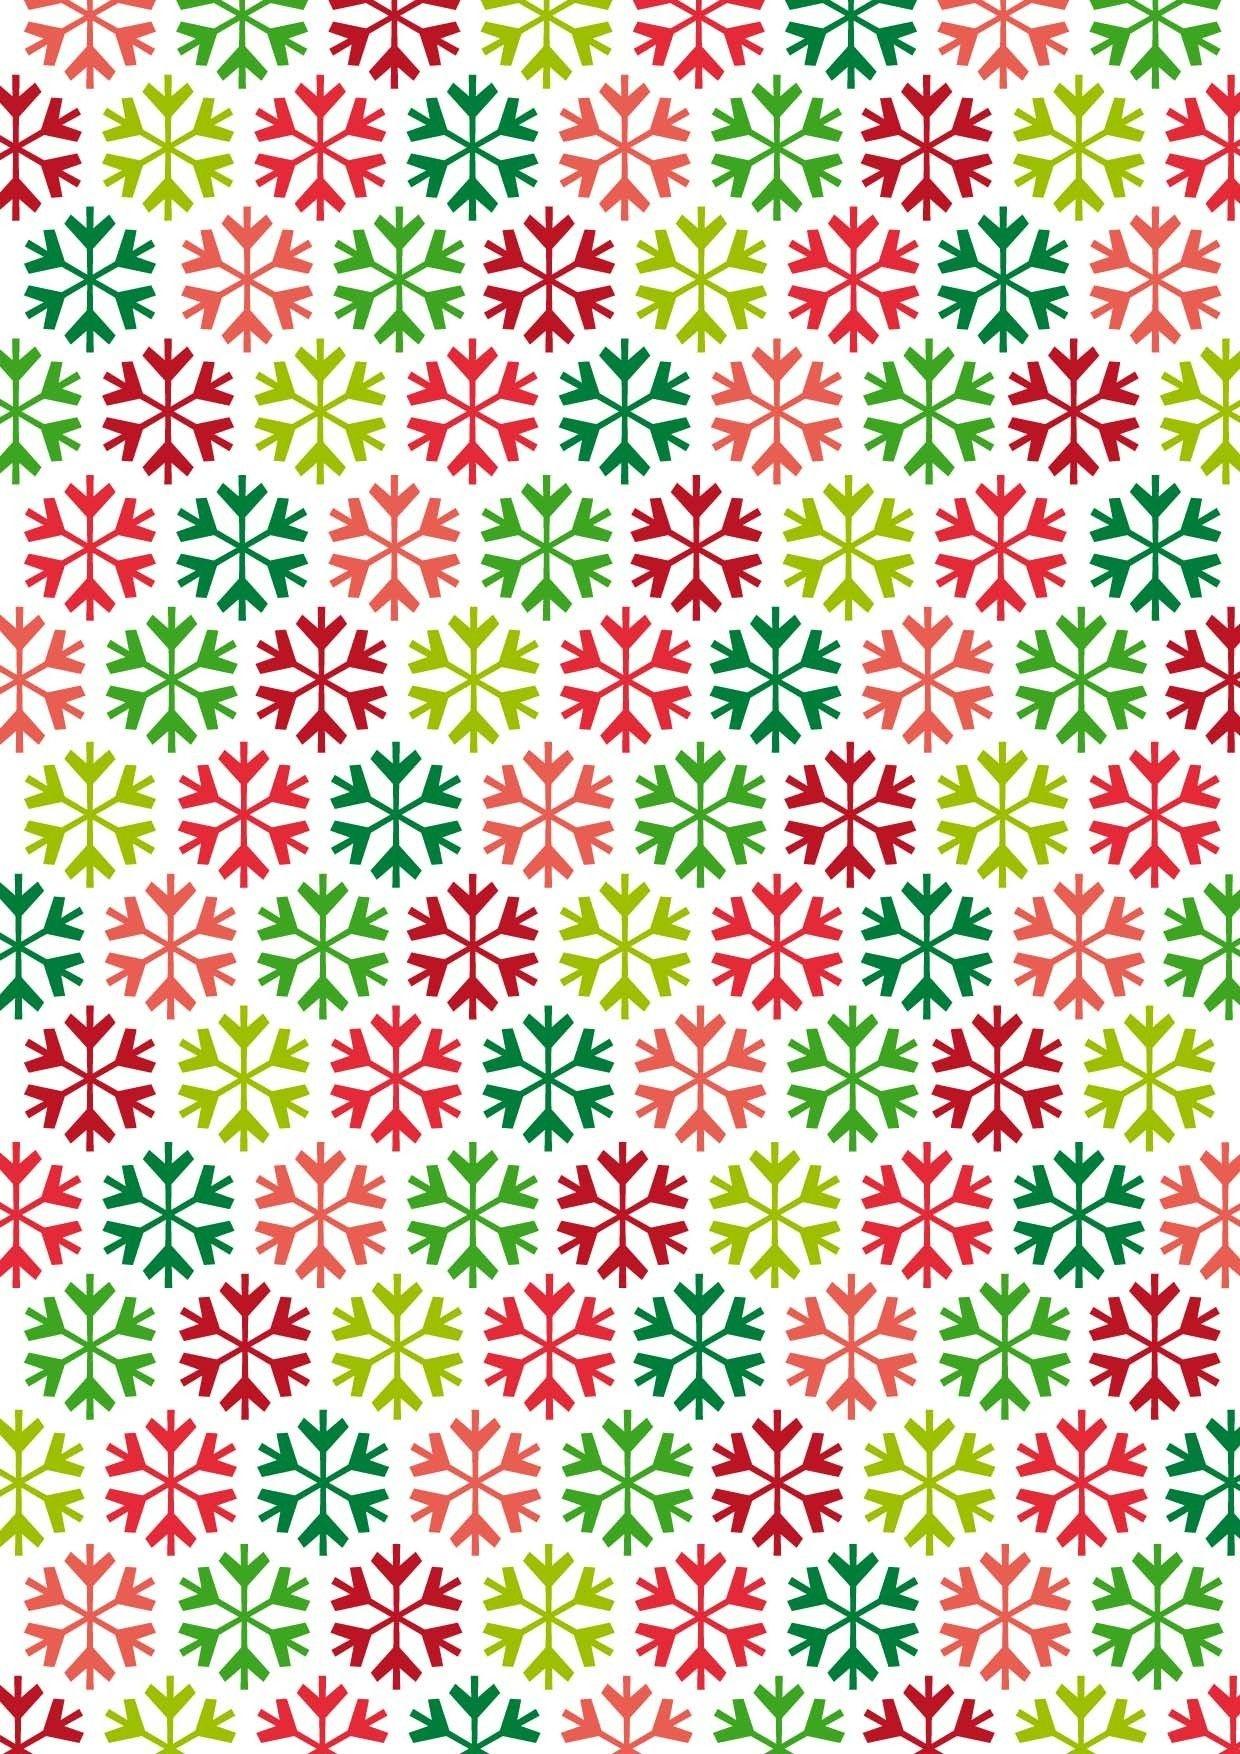 Printable Christmas Paper - Tutlin.psstech.co - Free Printable Christmas Paper